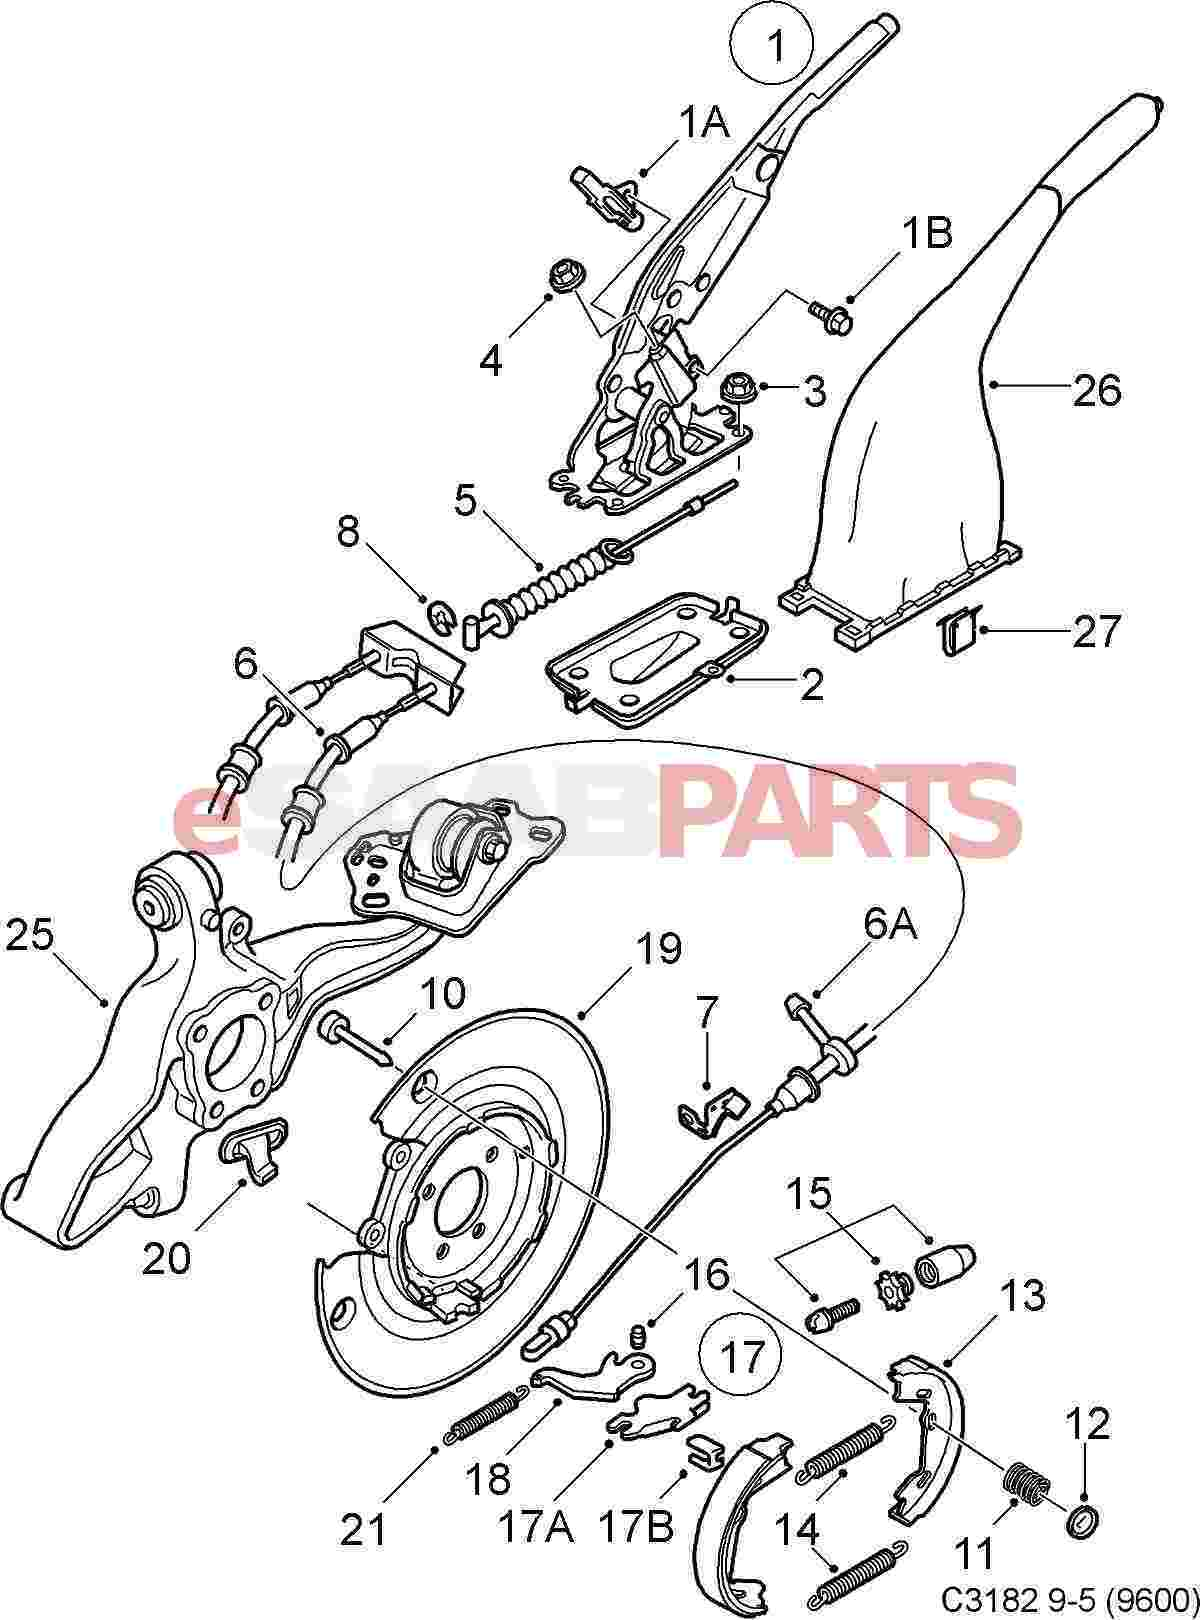 parking brake parts